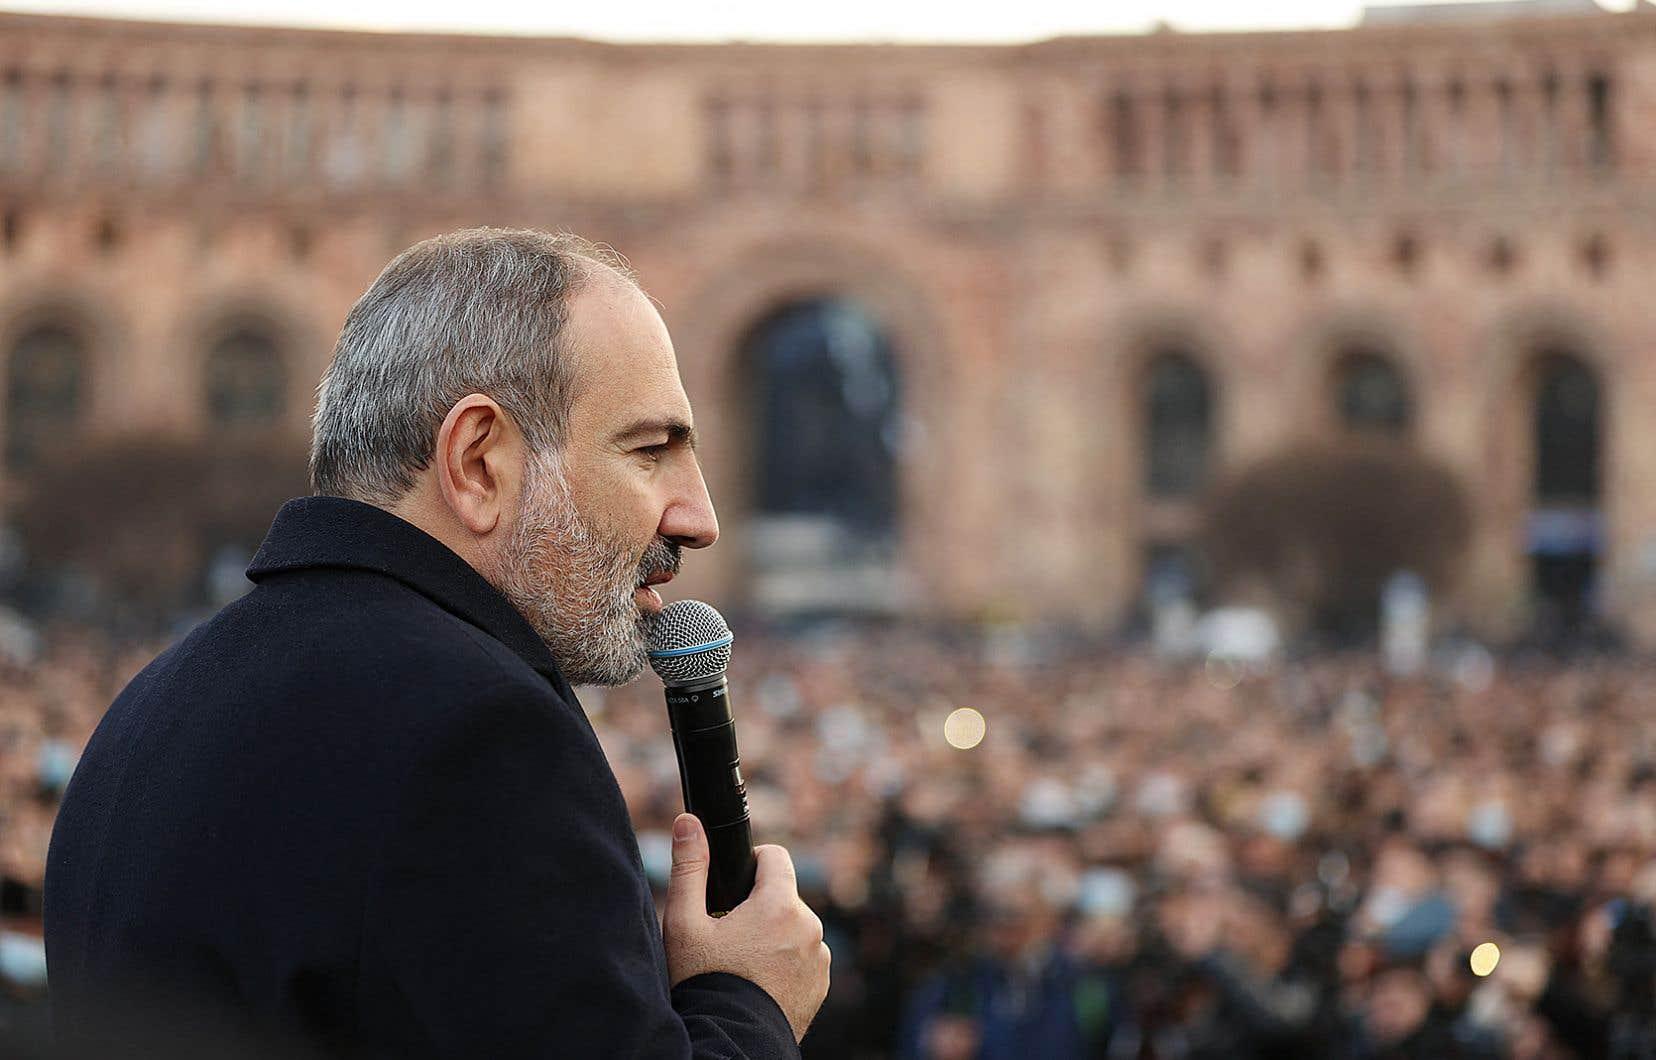 L'état-major de l'armée avait réclamé après le limogeage d'un gradé de haut rang la démission de Nikol Pachinian, «une tentative de coup d'État» selon ce dernier.